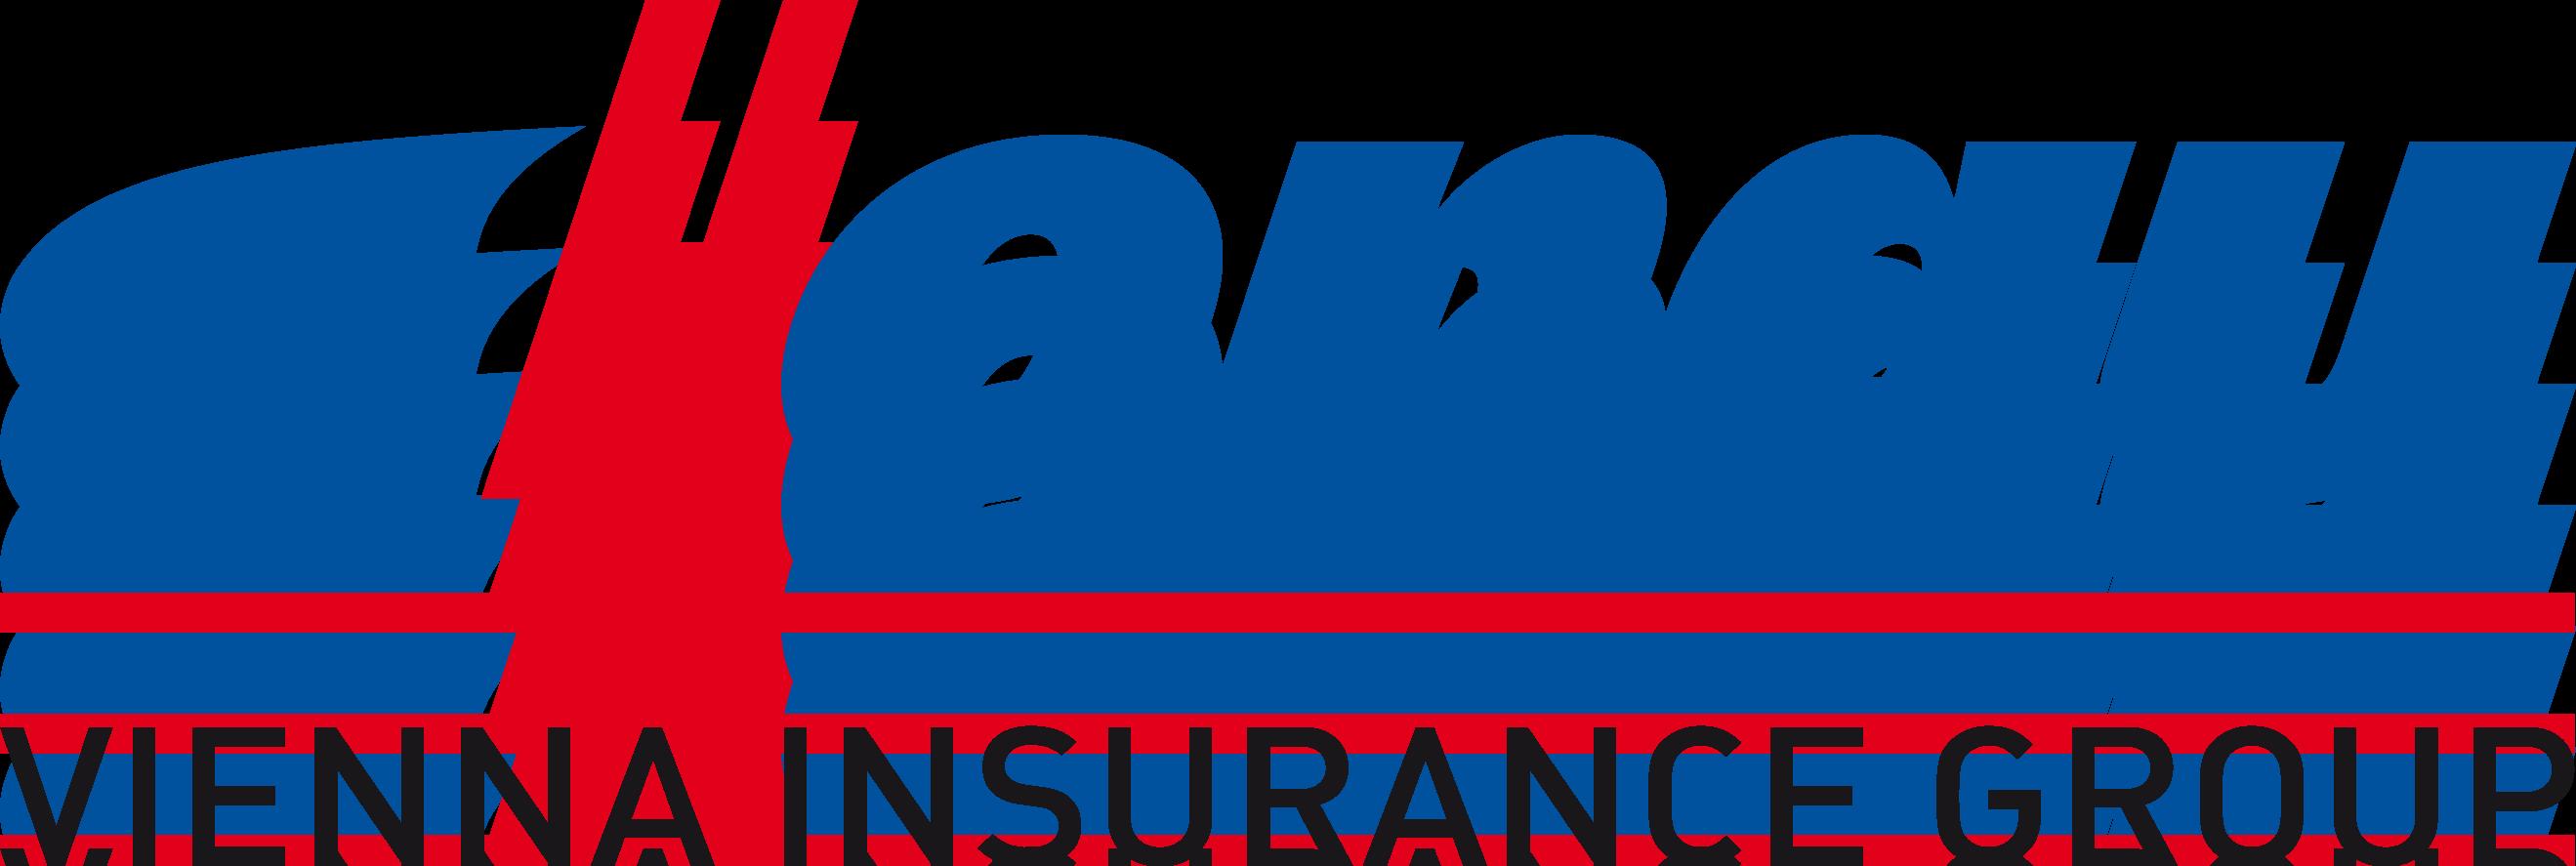 Donau Versicherung Ag Vienna Insurance Group Familie Und Beruf